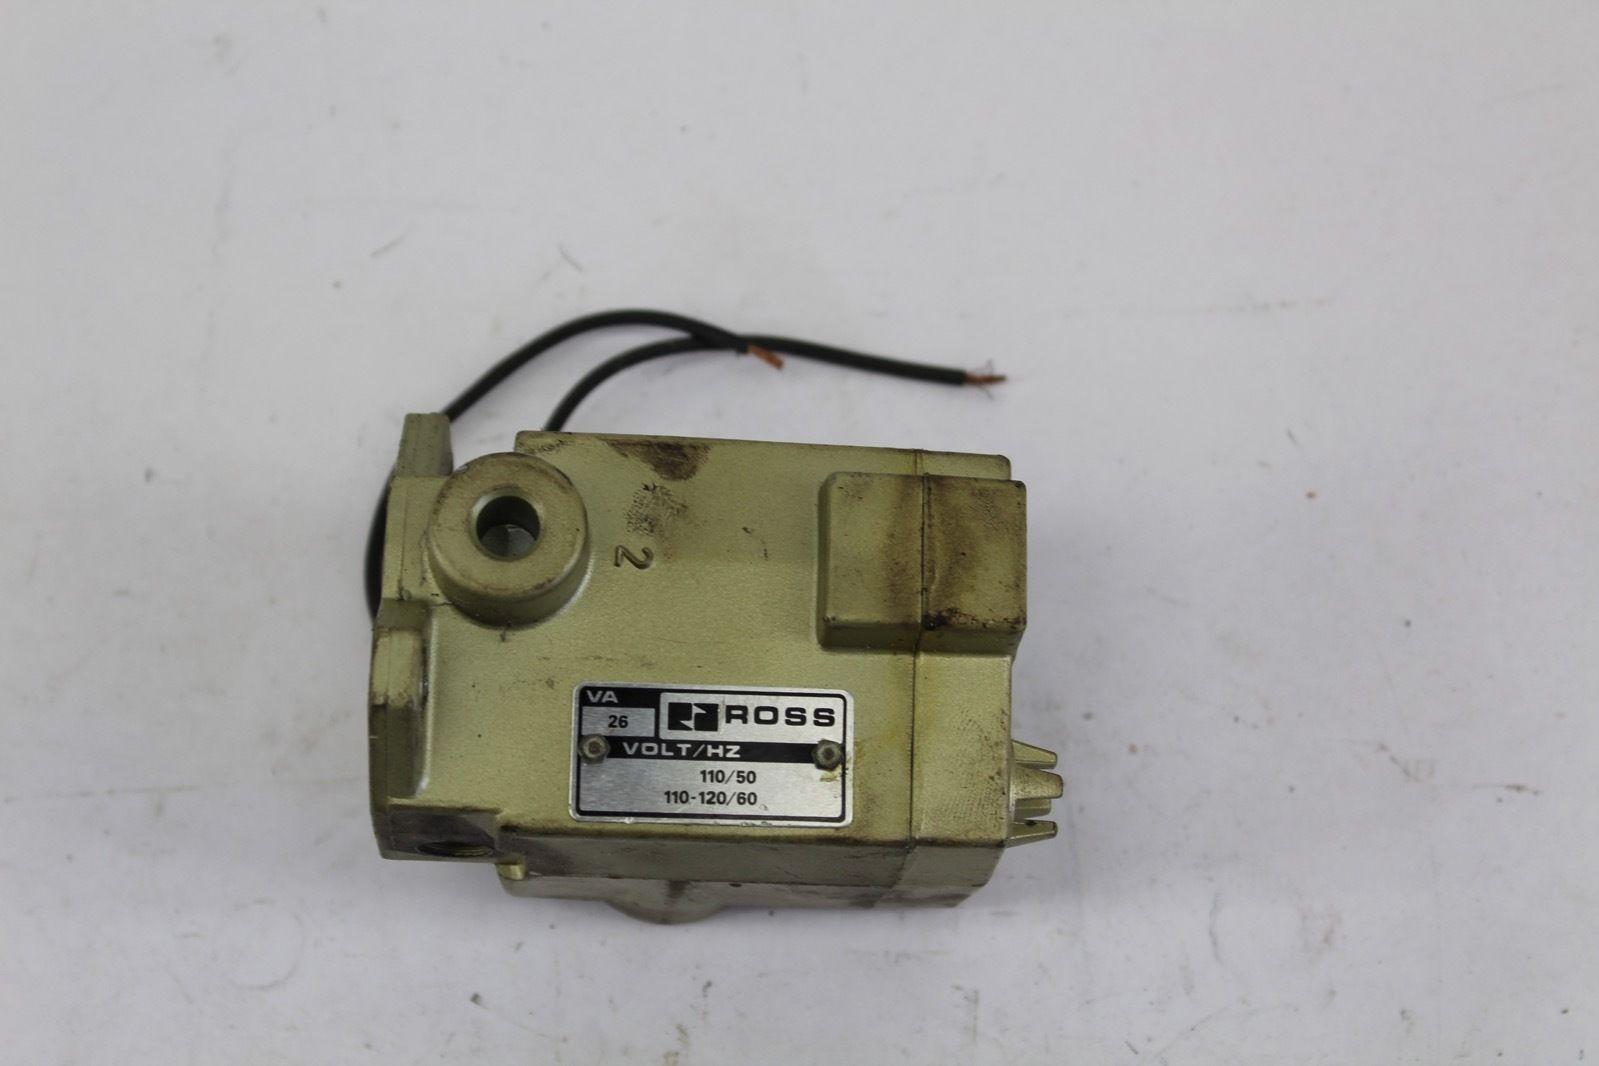 Ross 110/120V 50/60Hz 26VA Solenoid Valve *NEW* (F224) 1